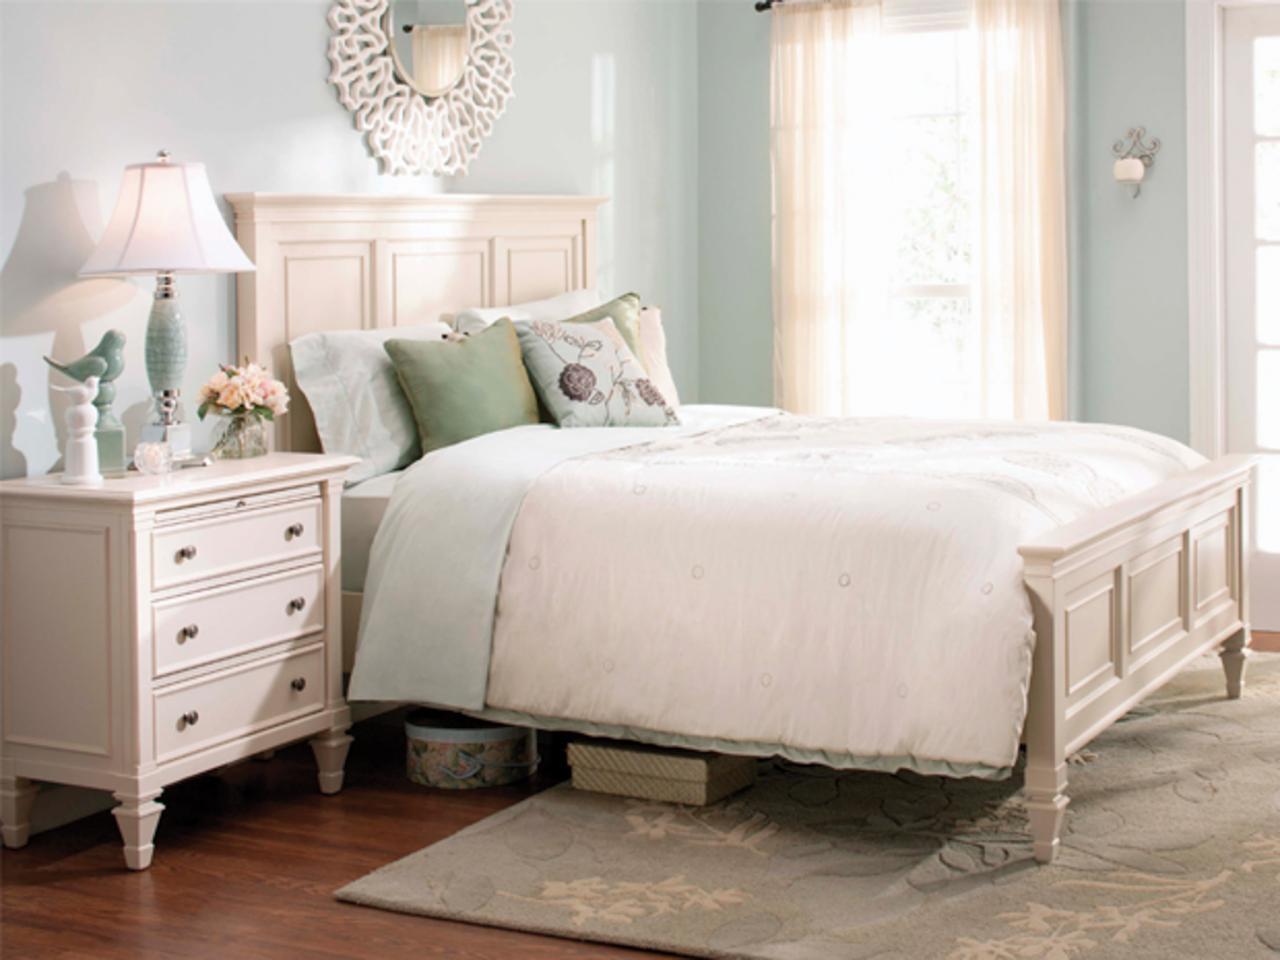 Airy bedroom - Taskmasters